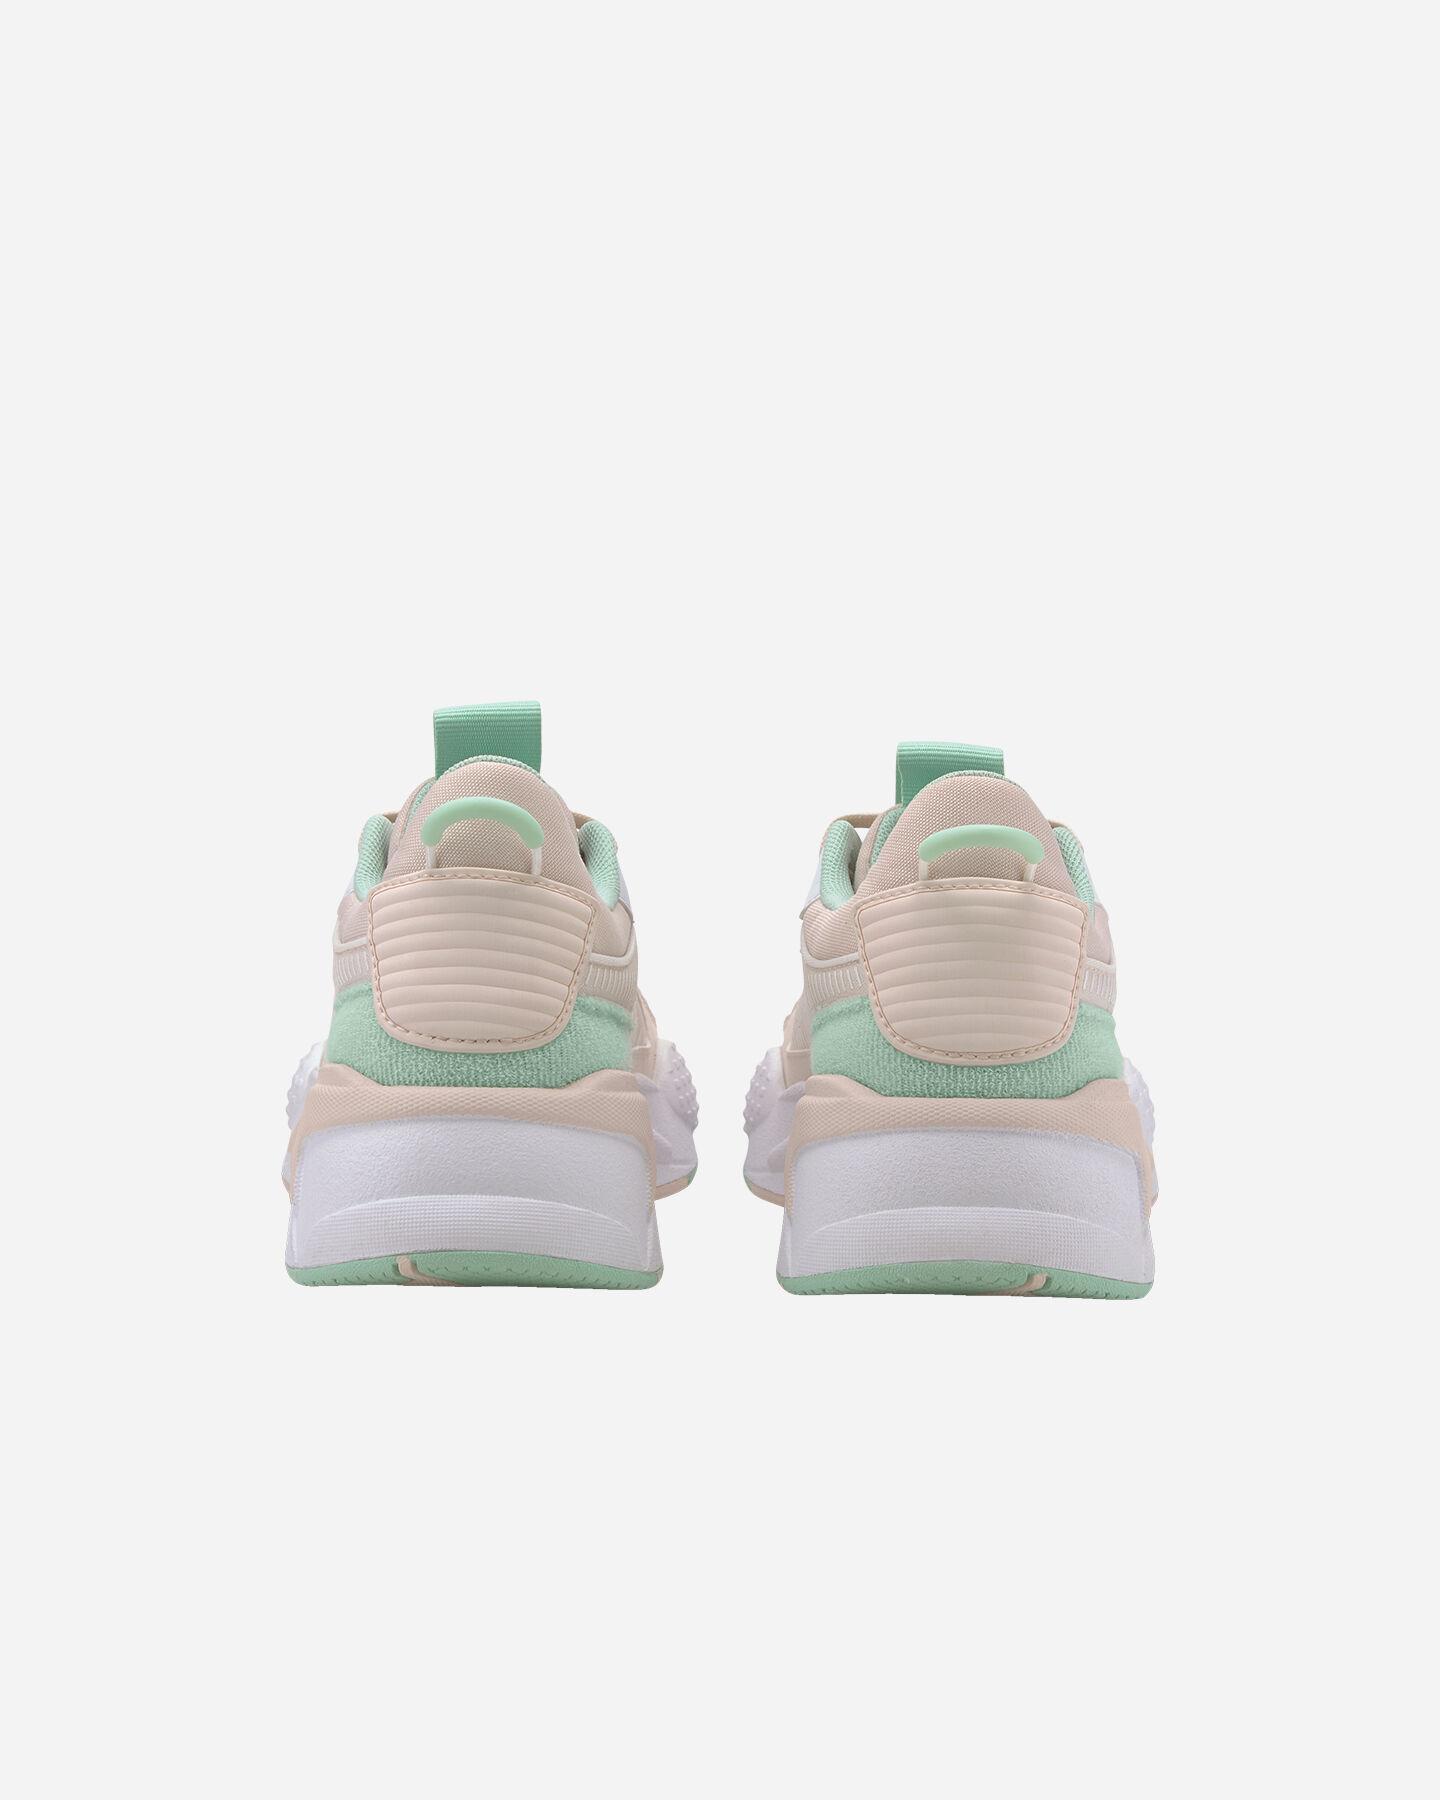 Scarpe sneakers PUMA RS-X COLLEGIATE GS JR S5173101 scatto 4